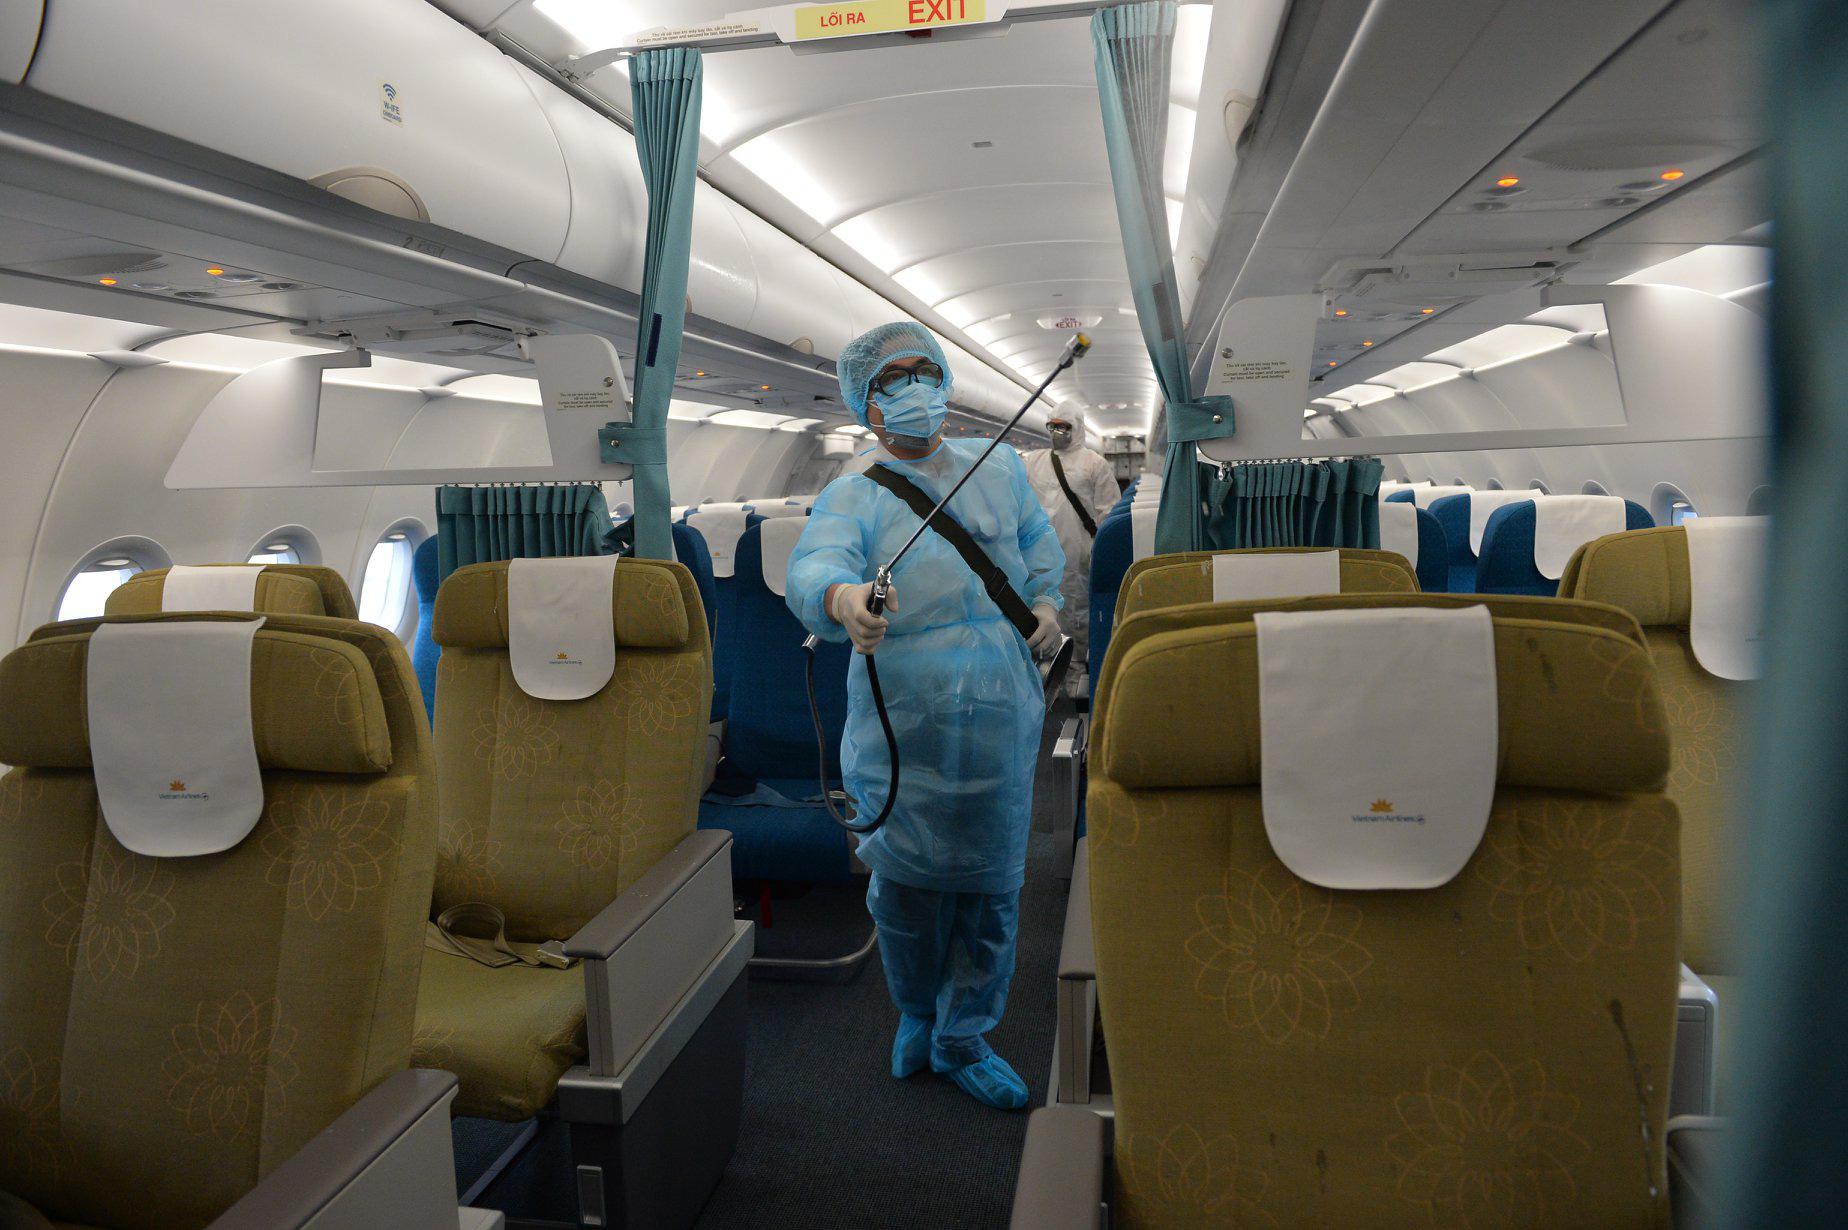 Vietnam Airlines tăng chuyến, điều chỉnh bổ sung máy bay thân rộng phục vụ hỗ trợ hành khách đến và đi từ Đà Nẵng - Ảnh 1.